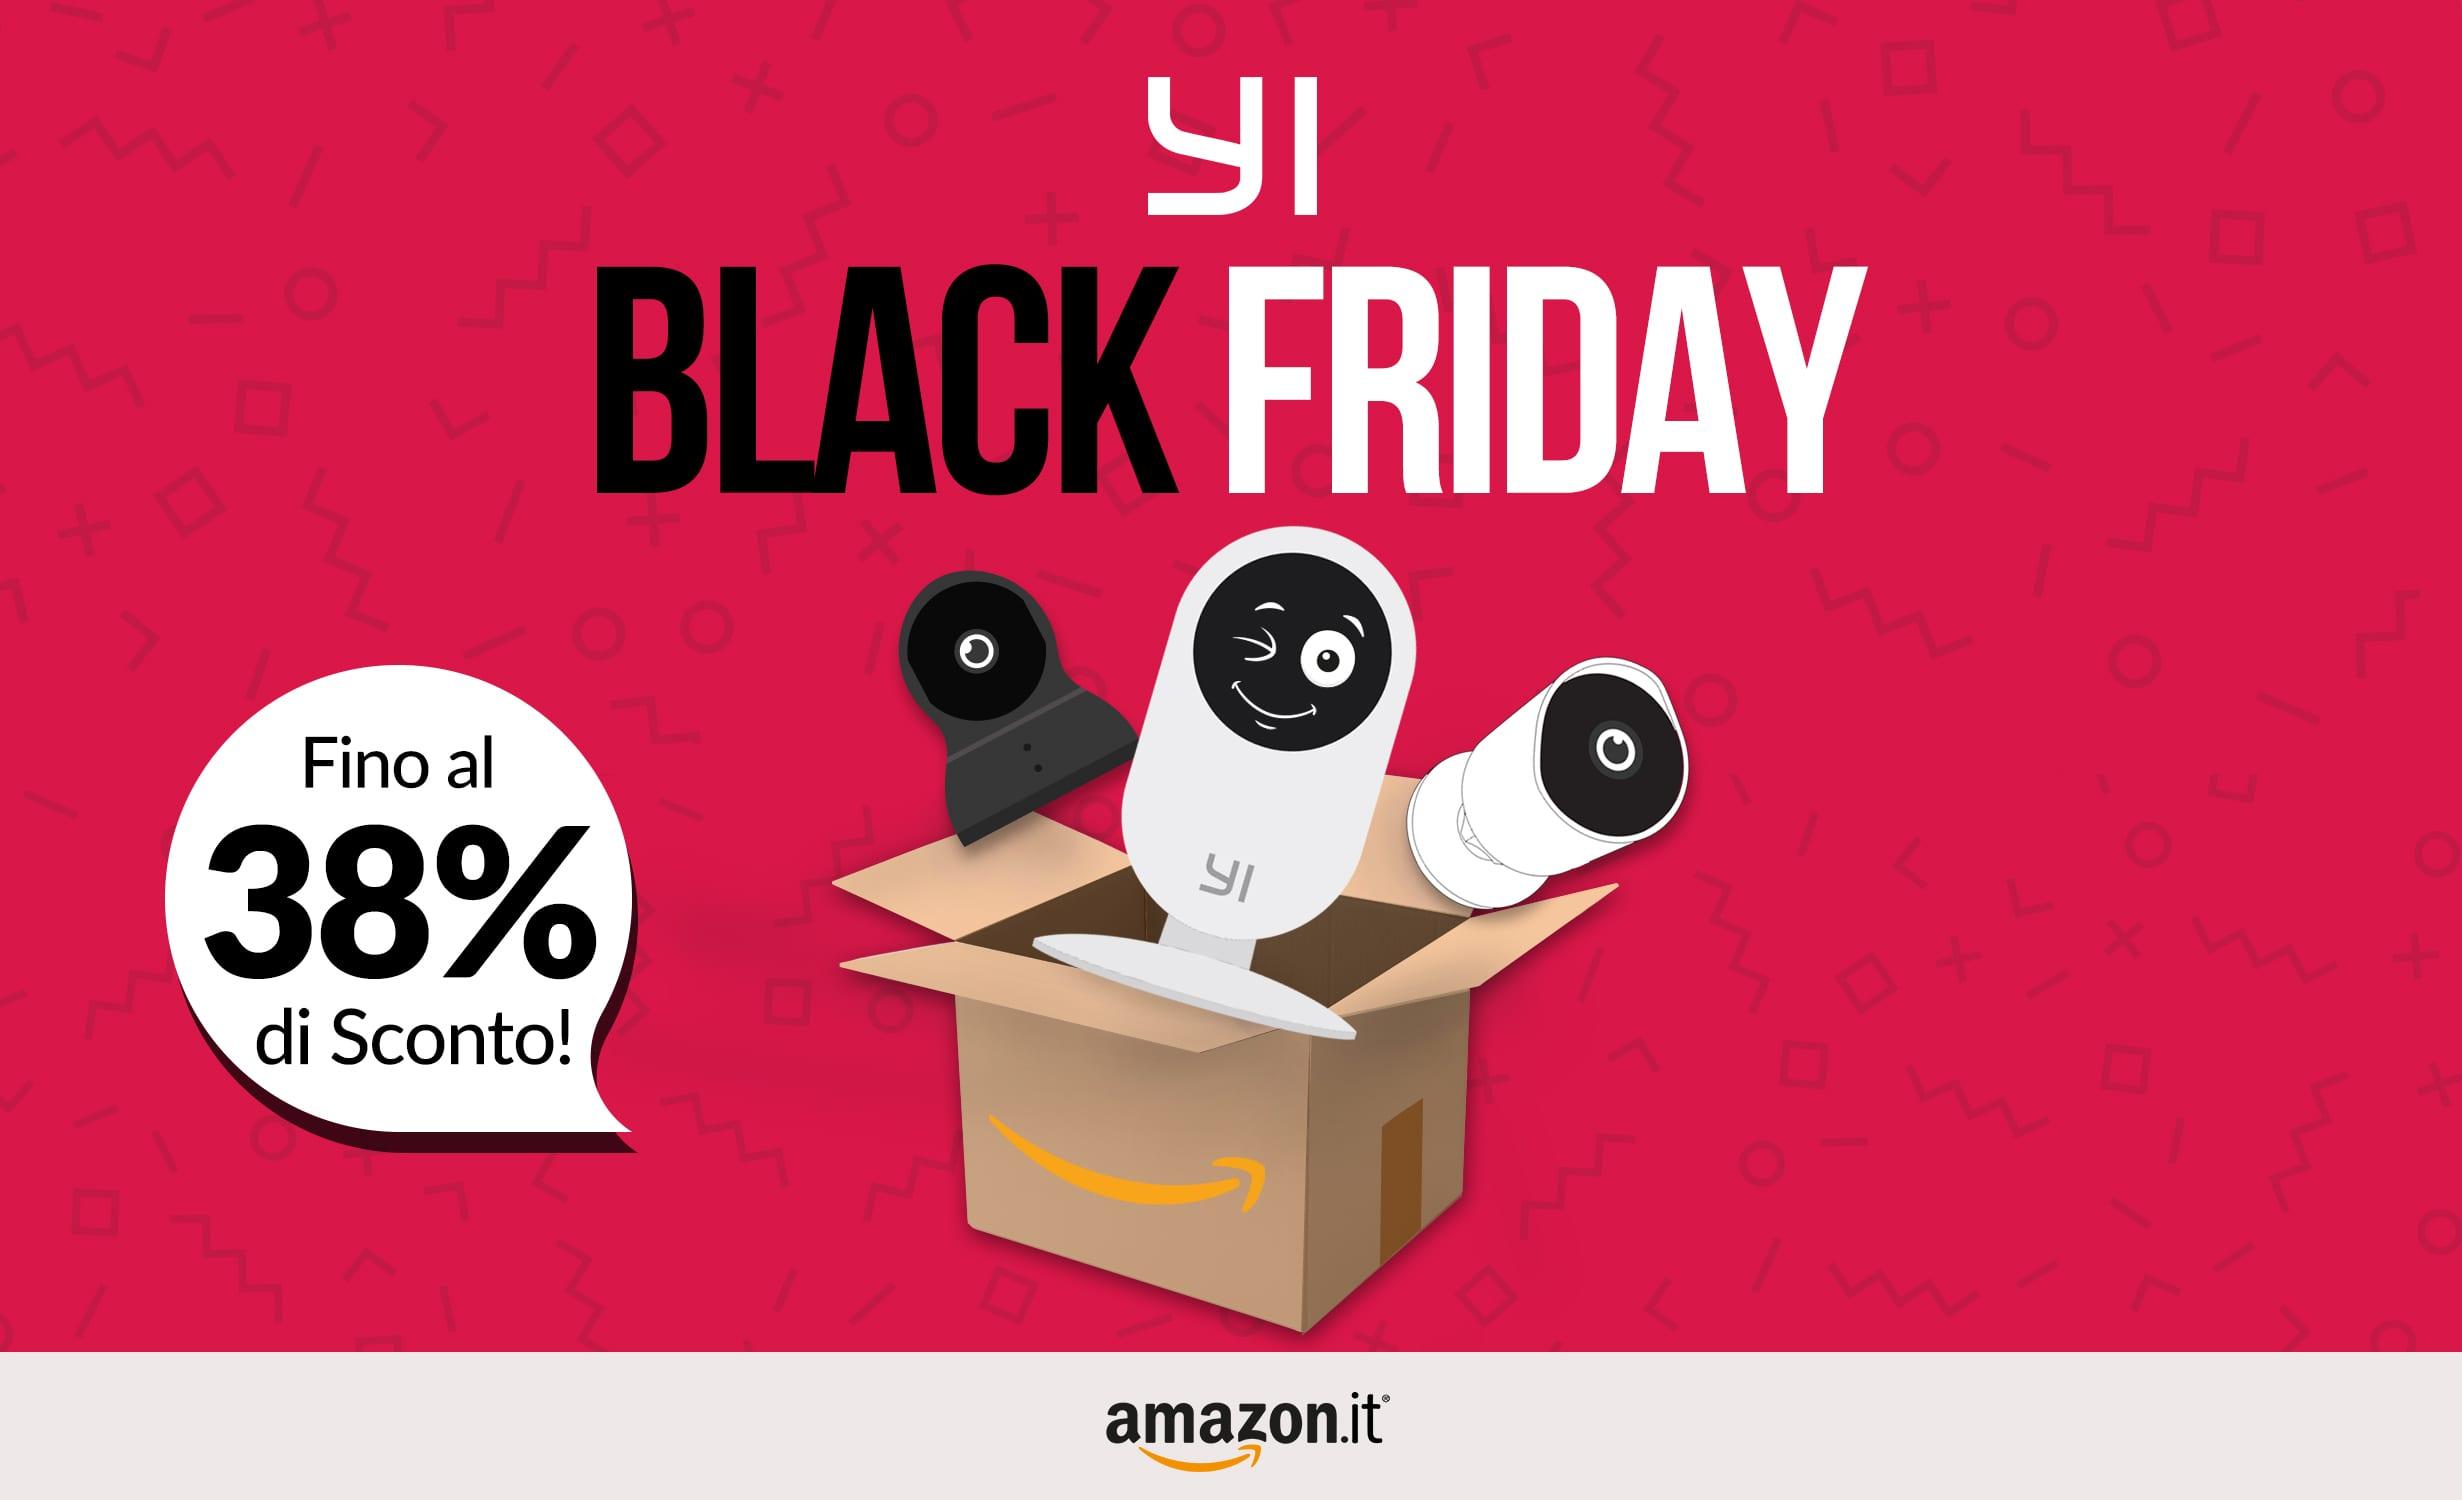 Black Friday di YI Technology: le migliori camere di sorveglianza smart in offerta